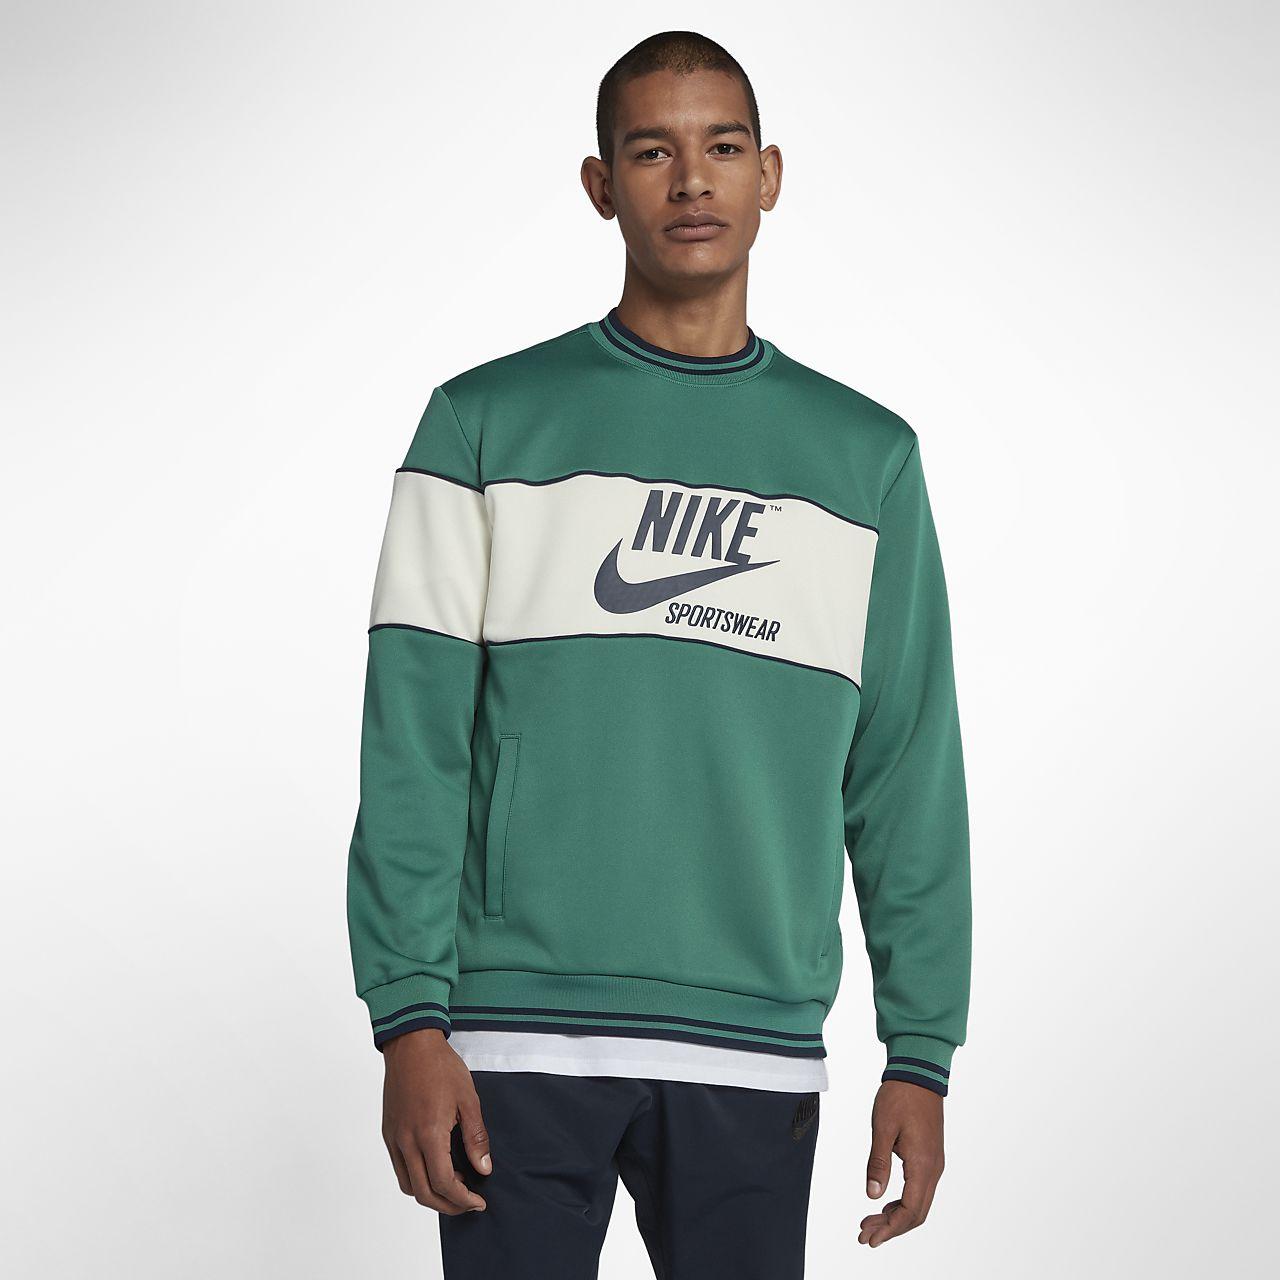 Low Resolution Nike Sportswear Archive Men's Crew Nike Sportswear Archive  Men's Crew